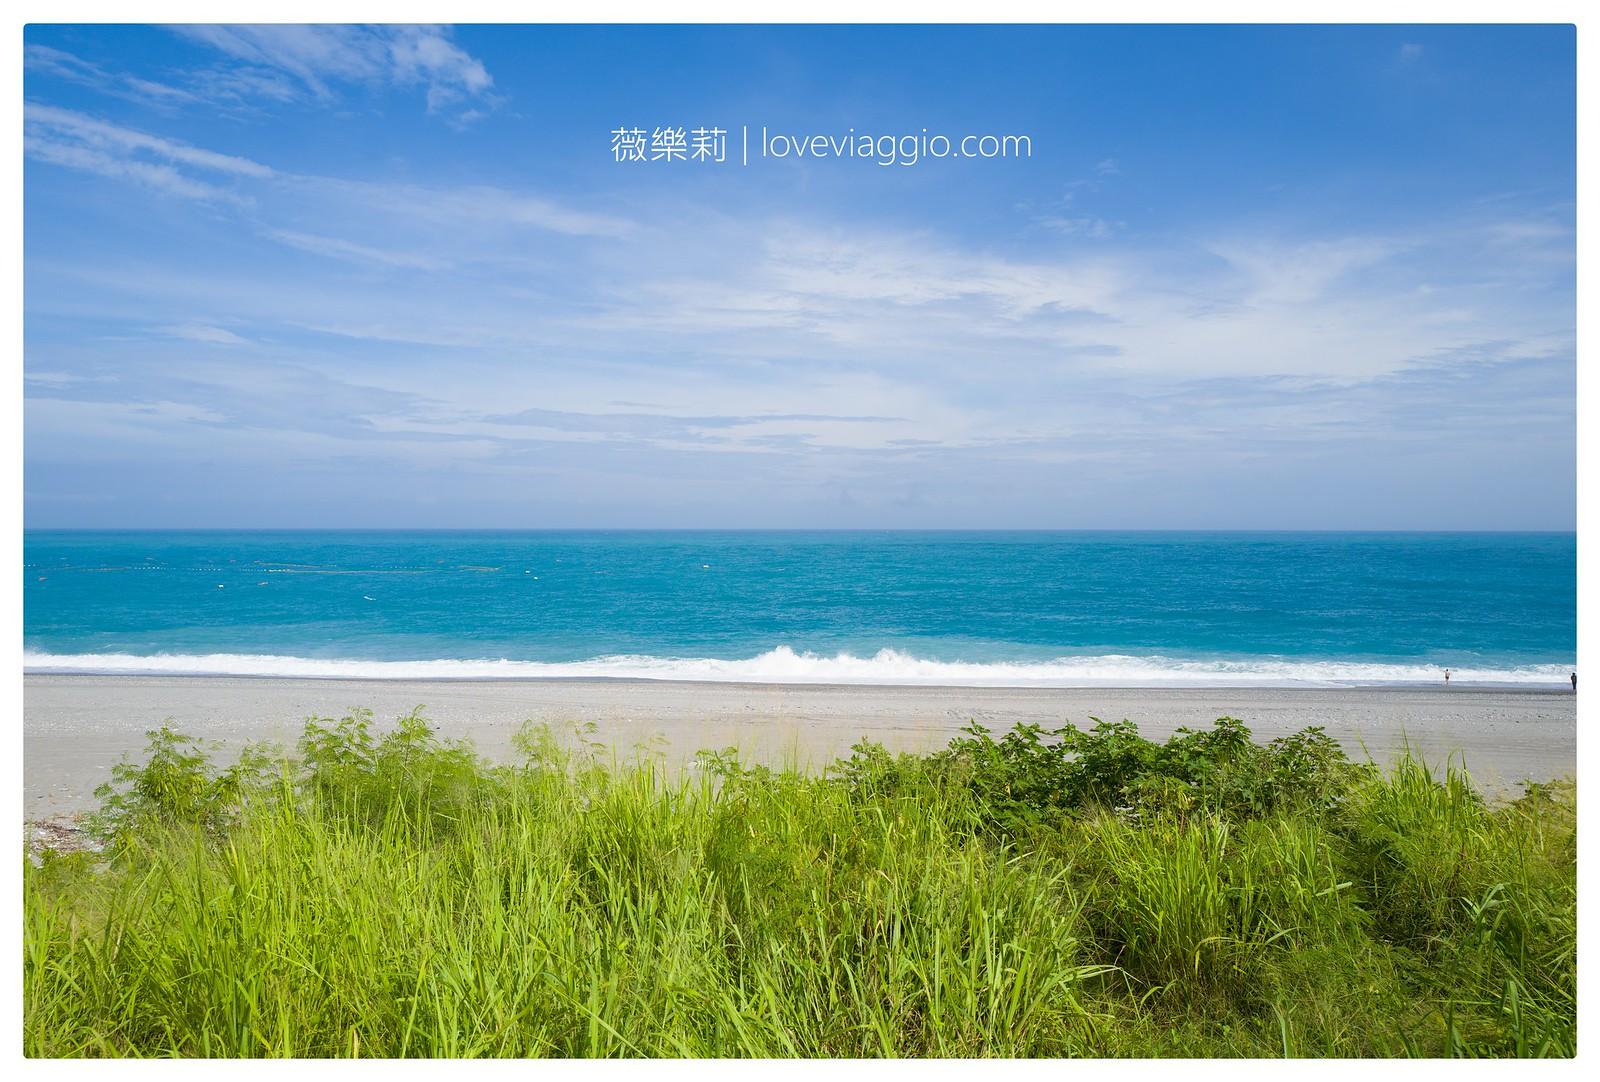 【台東 Taitung】太麻里華源海灣 旅行南迴公路美景 @薇樂莉 Love Viaggio | 旅行.生活.攝影